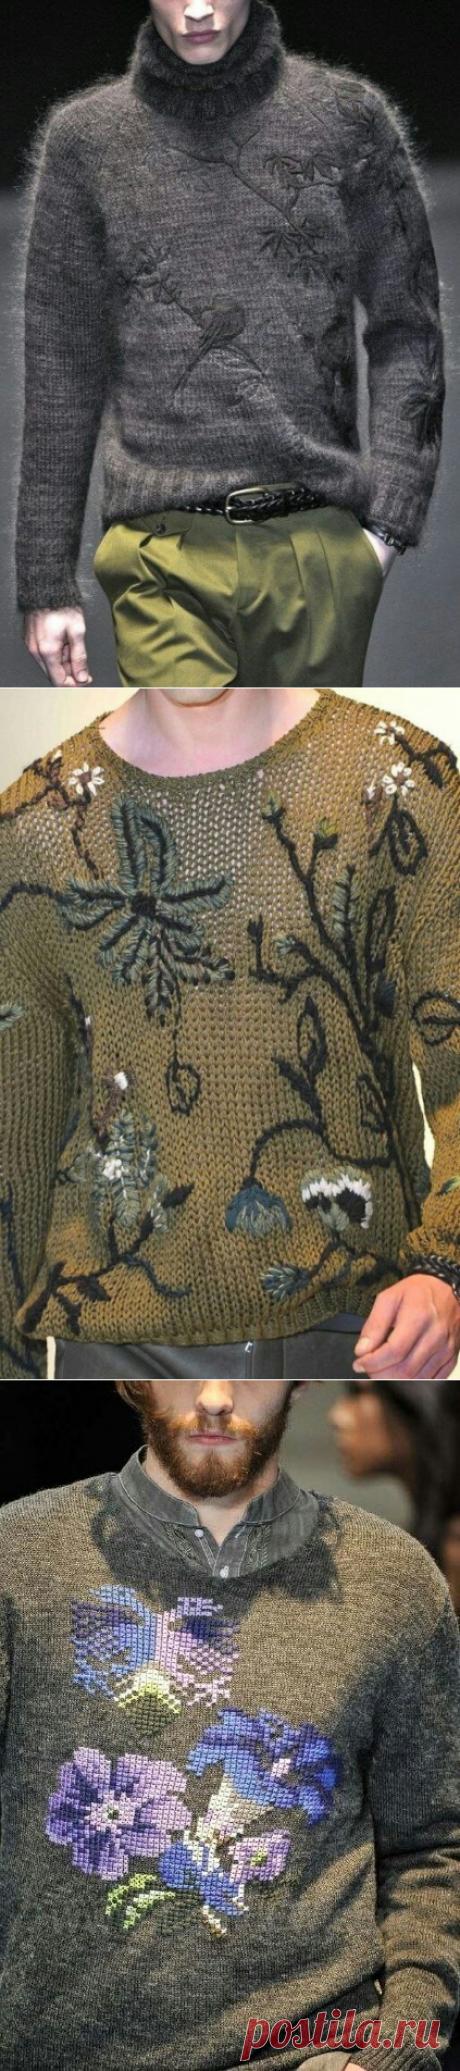 Вышивки на мужских свитерах (подборка) / Мужская мода / ВТОРАЯ УЛИЦА